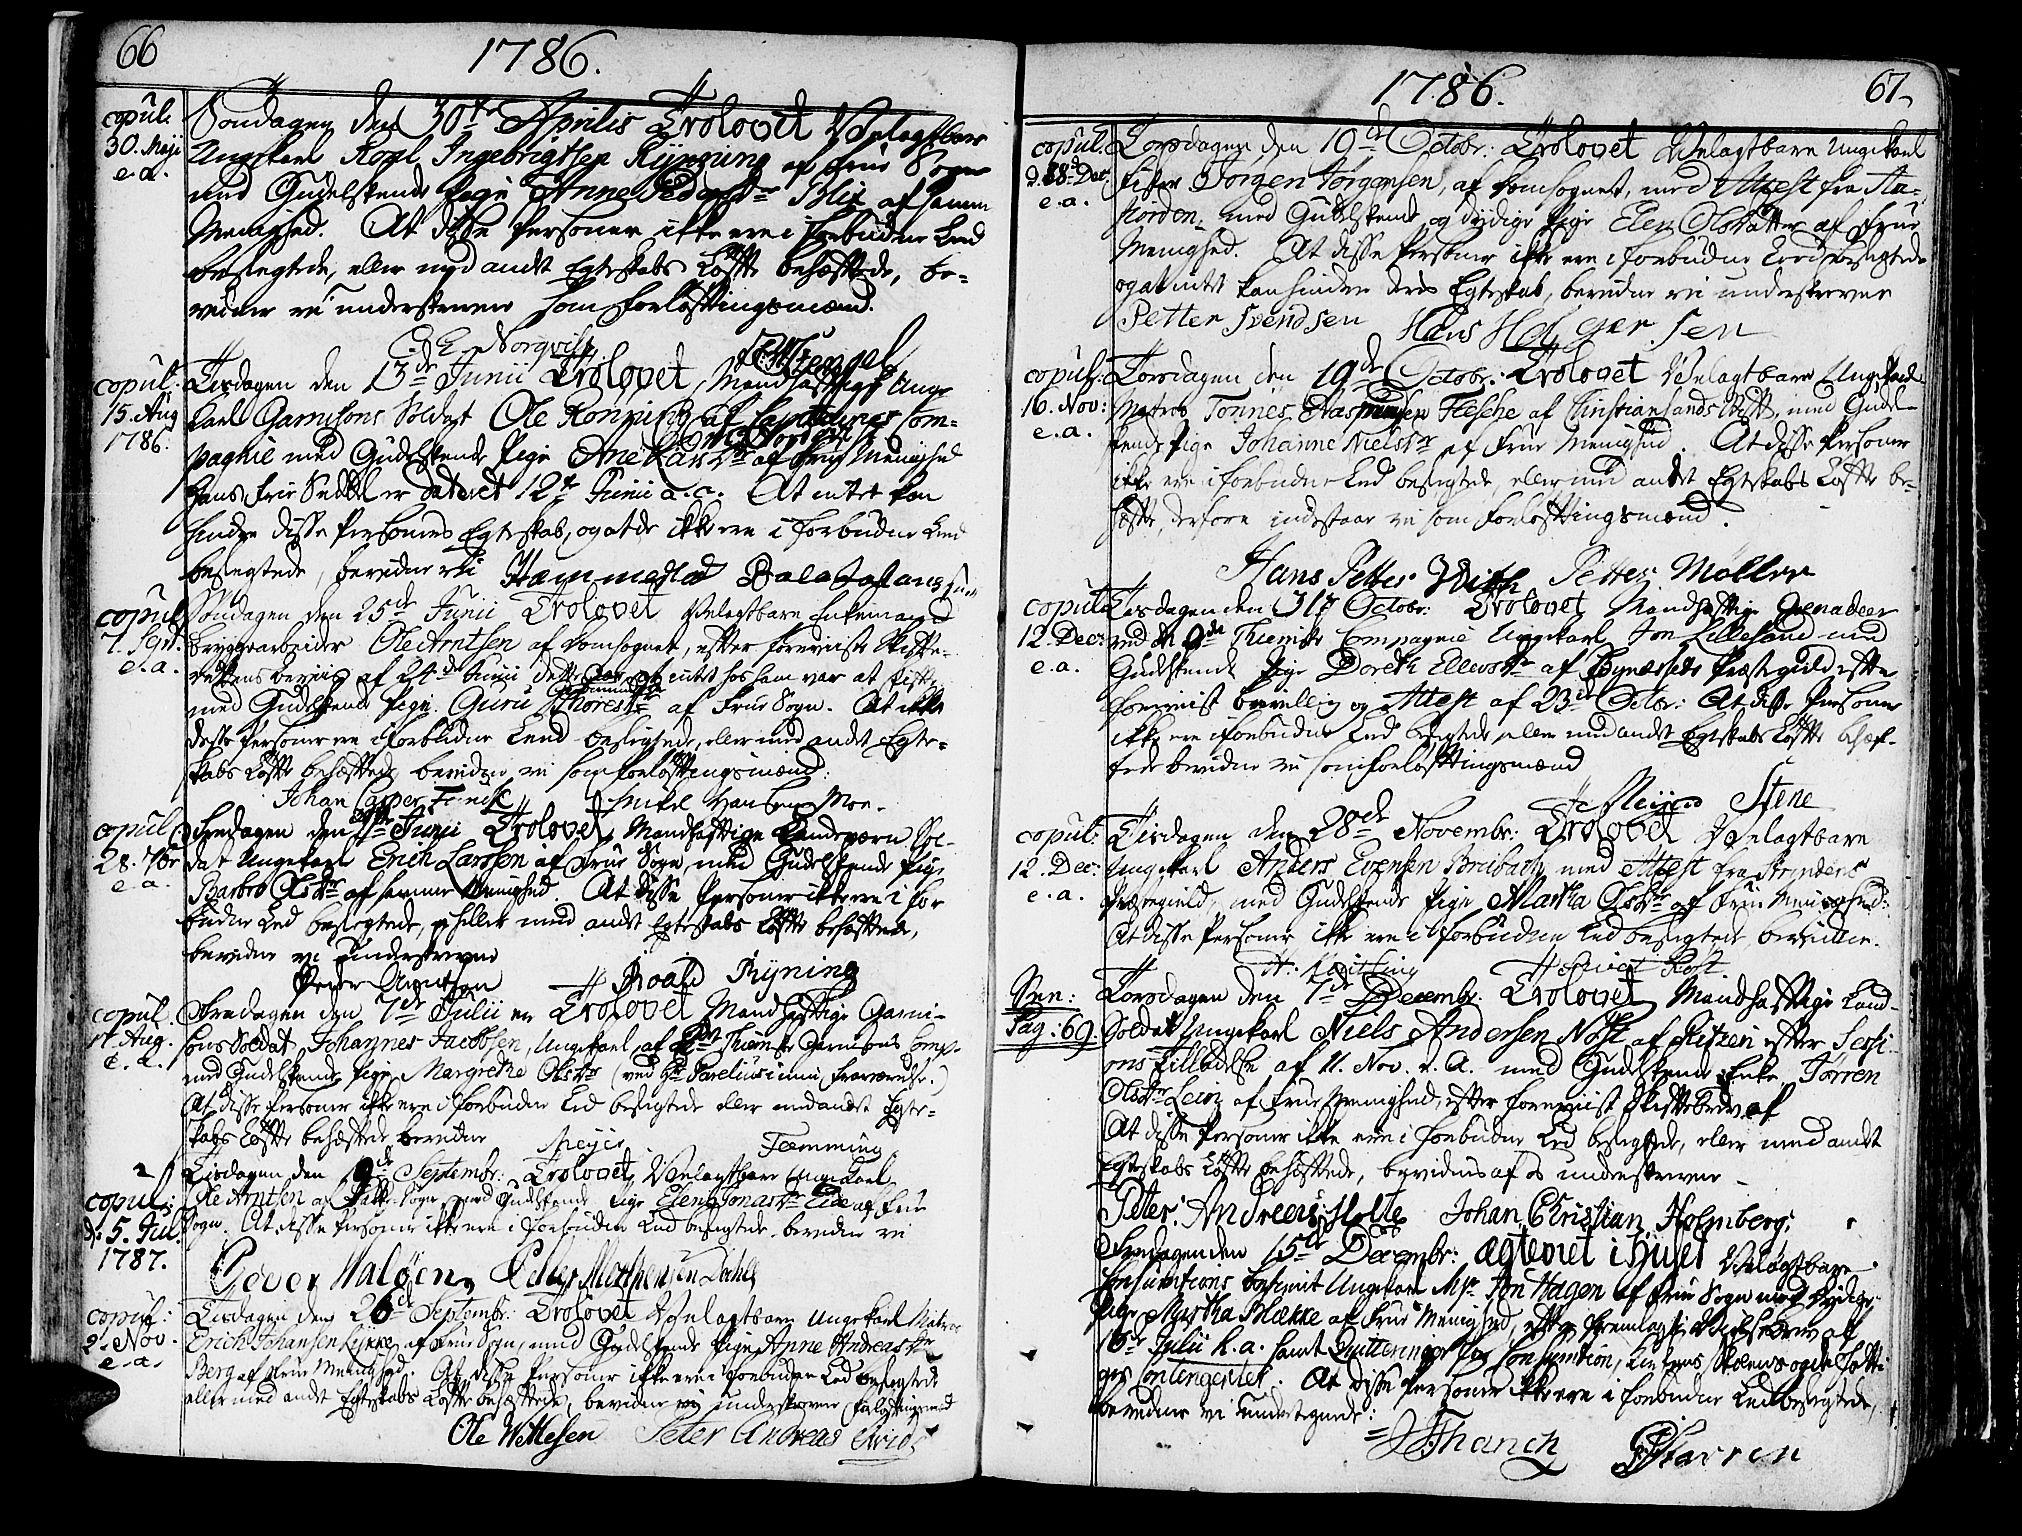 SAT, Ministerialprotokoller, klokkerbøker og fødselsregistre - Sør-Trøndelag, 602/L0105: Ministerialbok nr. 602A03, 1774-1814, s. 66-67